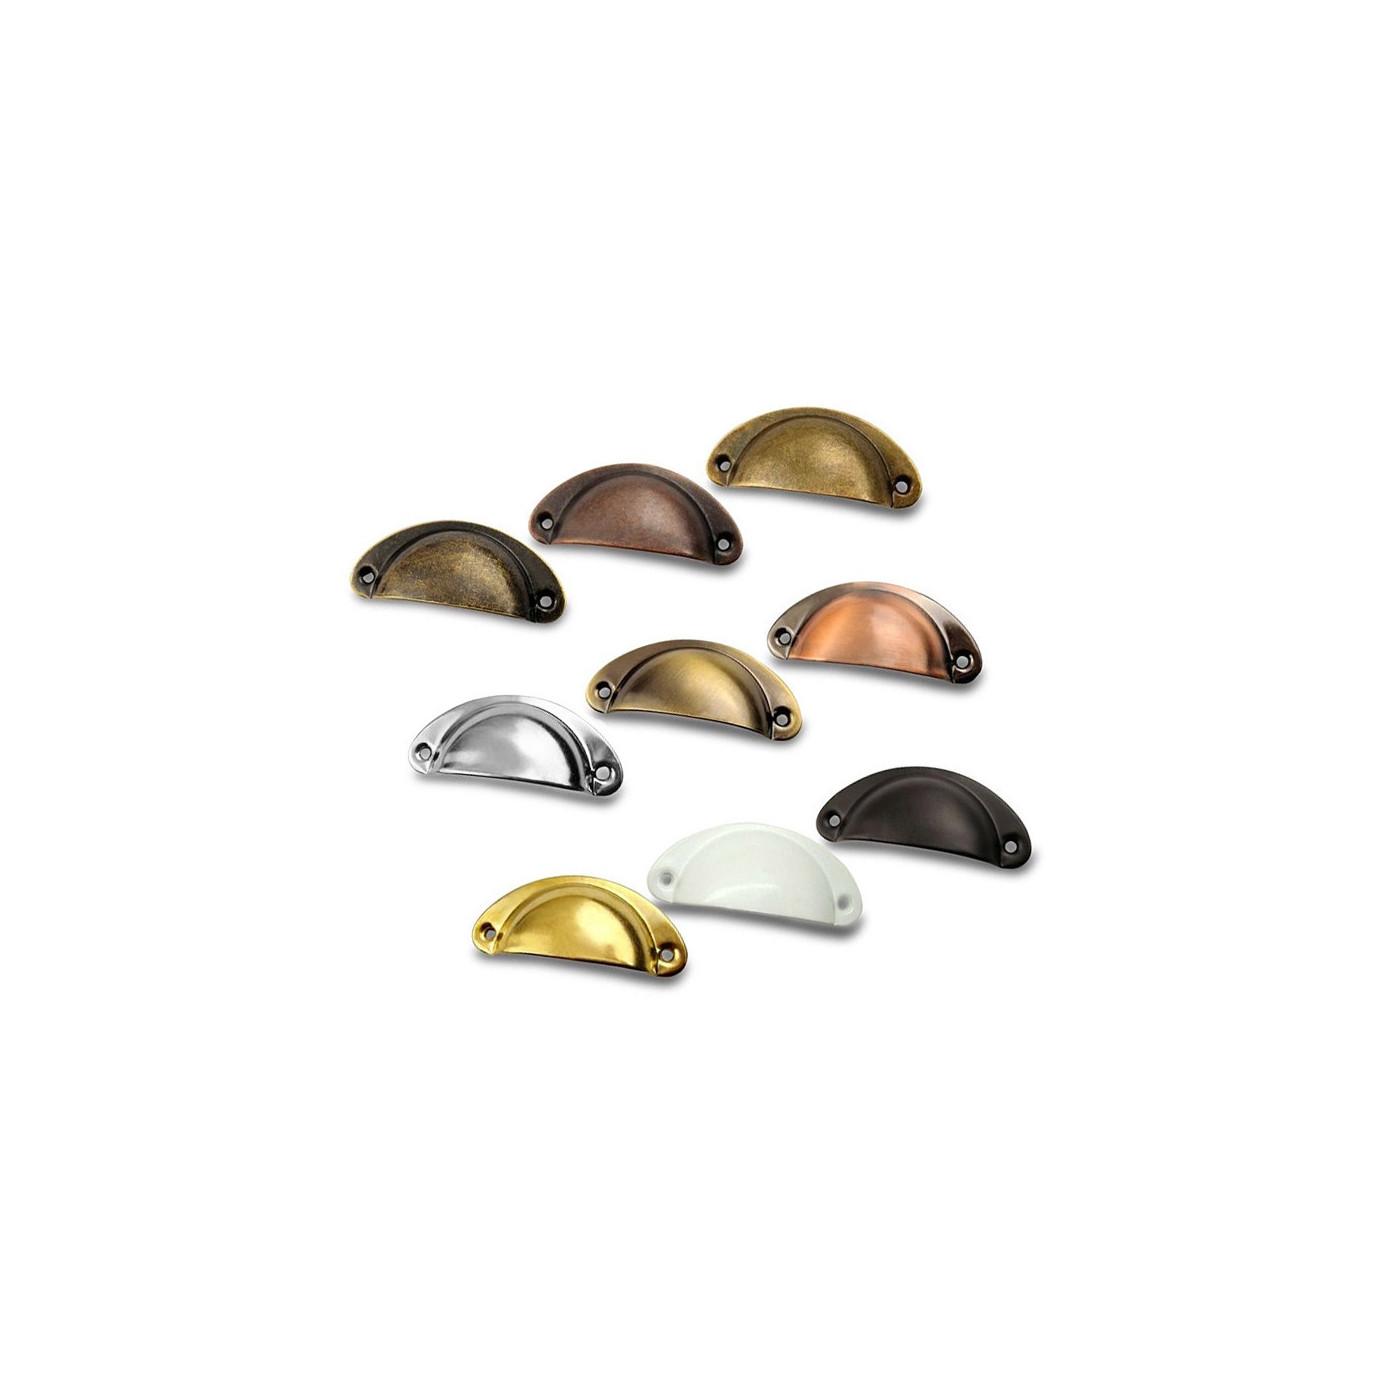 Conjunto de 8 manijas en forma de concha para muebles: color 8  - 1